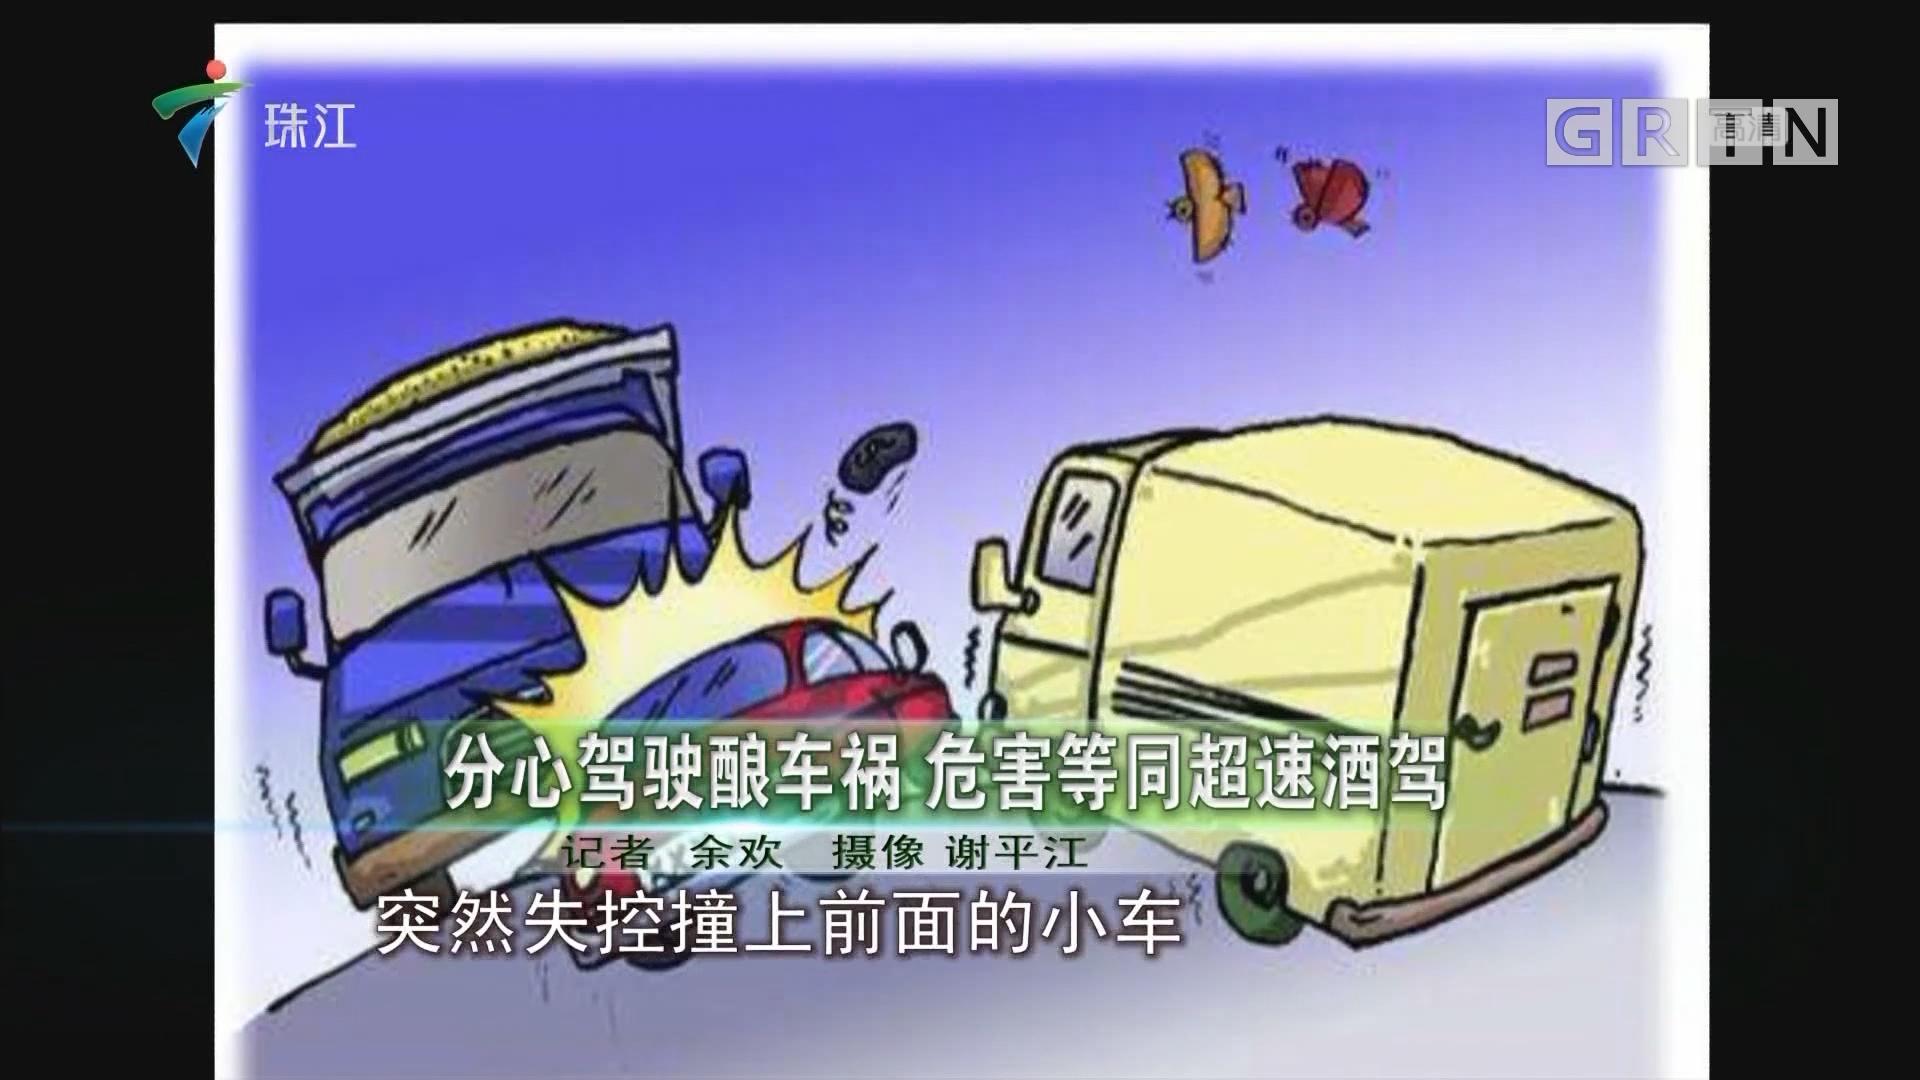 分心驾驶酿车祸 危害等同超速酒驾